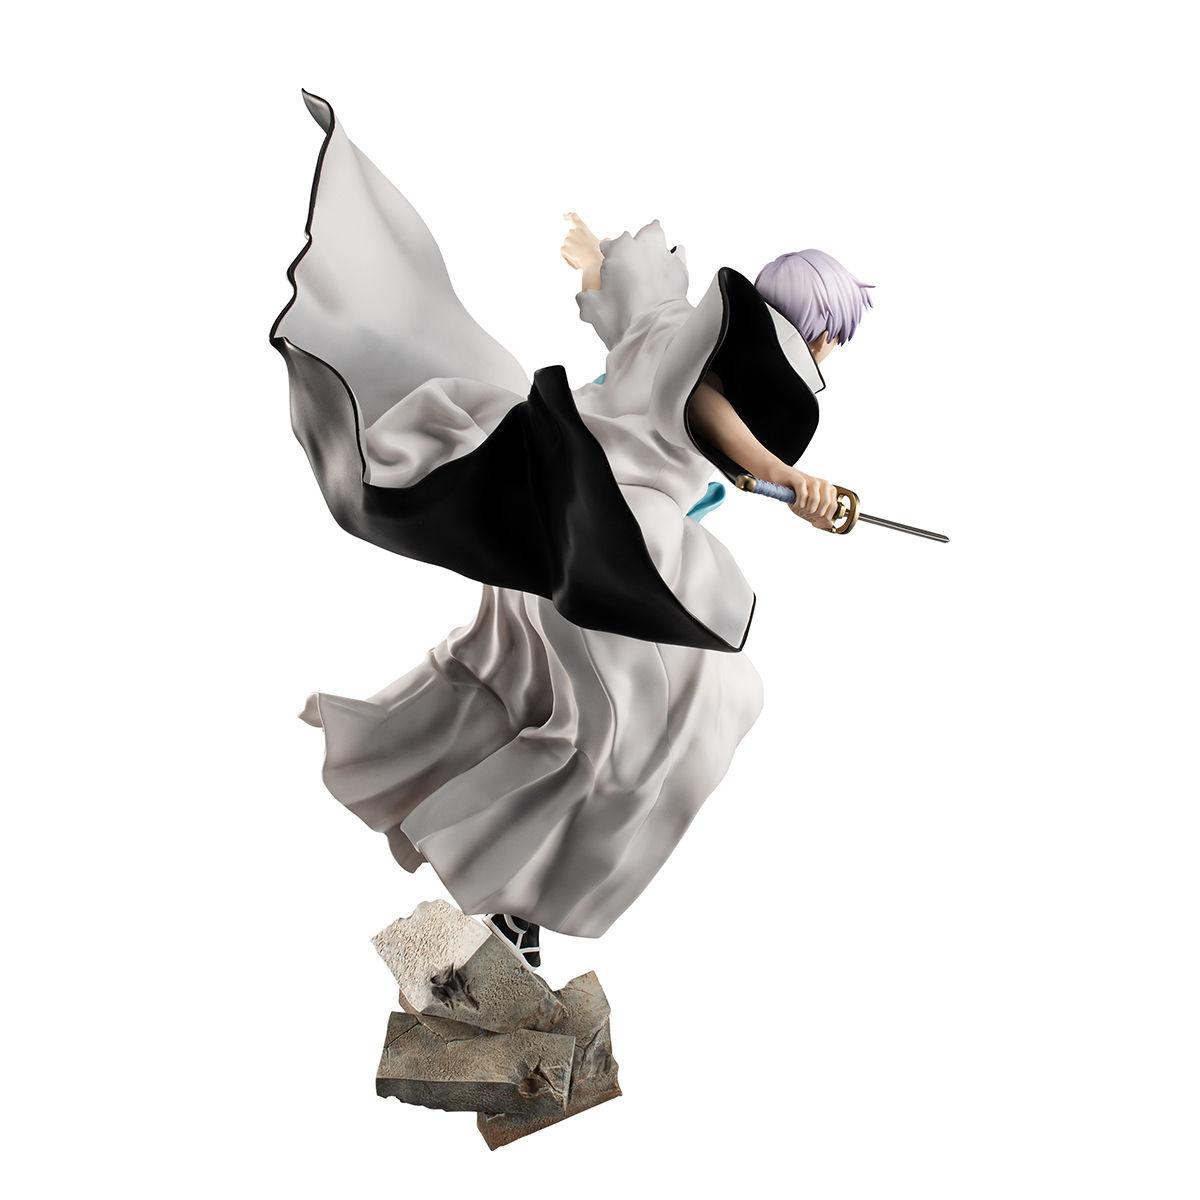 【限定販売】G.E.M.シリーズ『市丸ギン 破面篇』BLEACH 完成品フィギュア-005